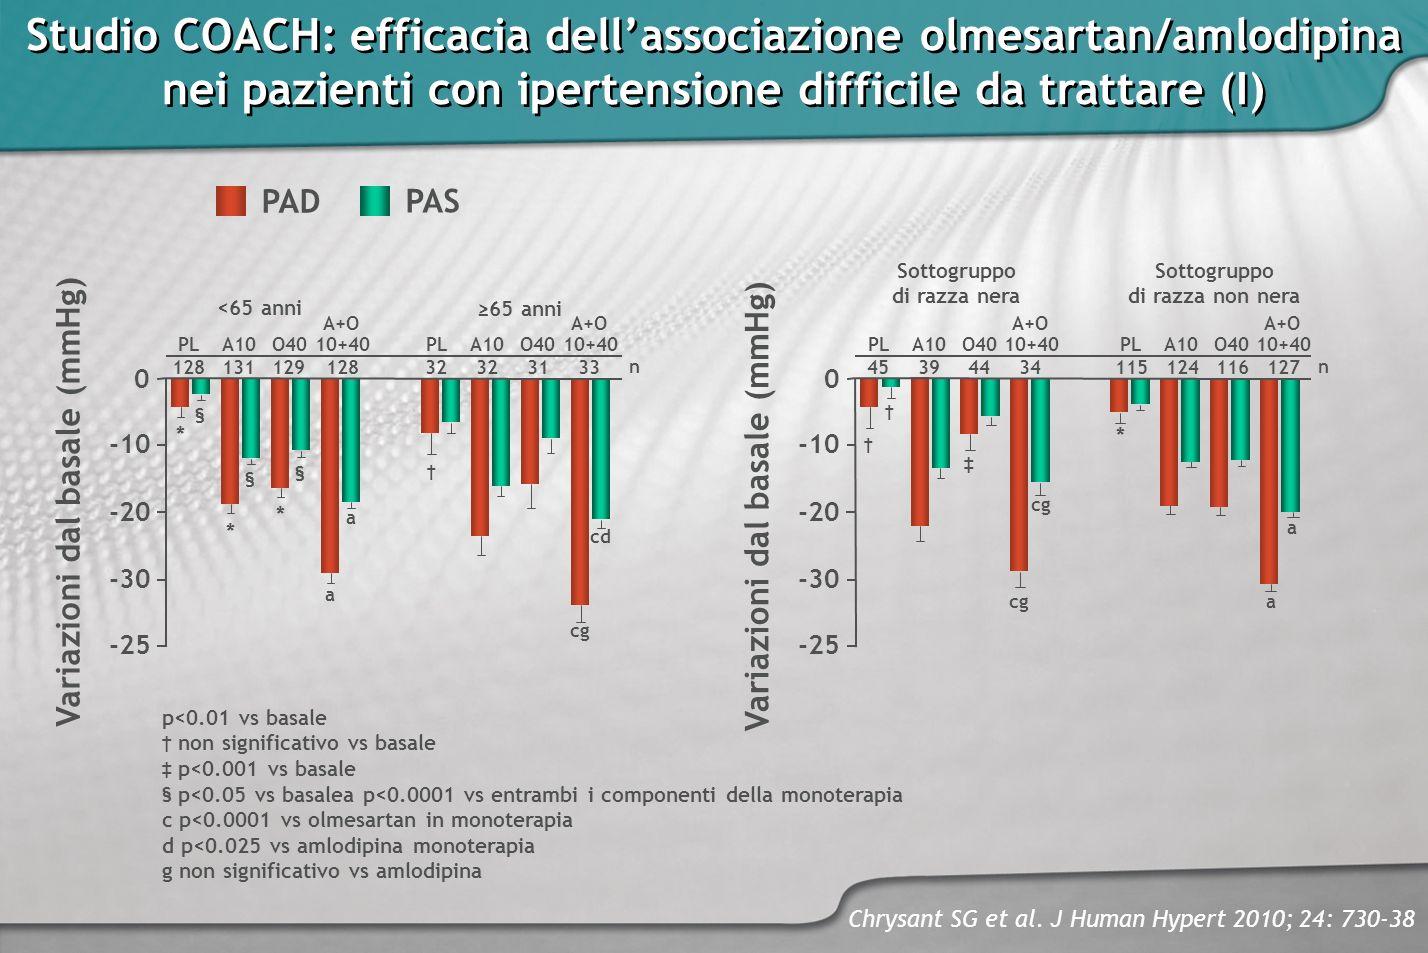 Studio COACH: efficacia dell'associazione olmesartan/amlodipina nei pazienti con ipertensione difficile da trattare (I)